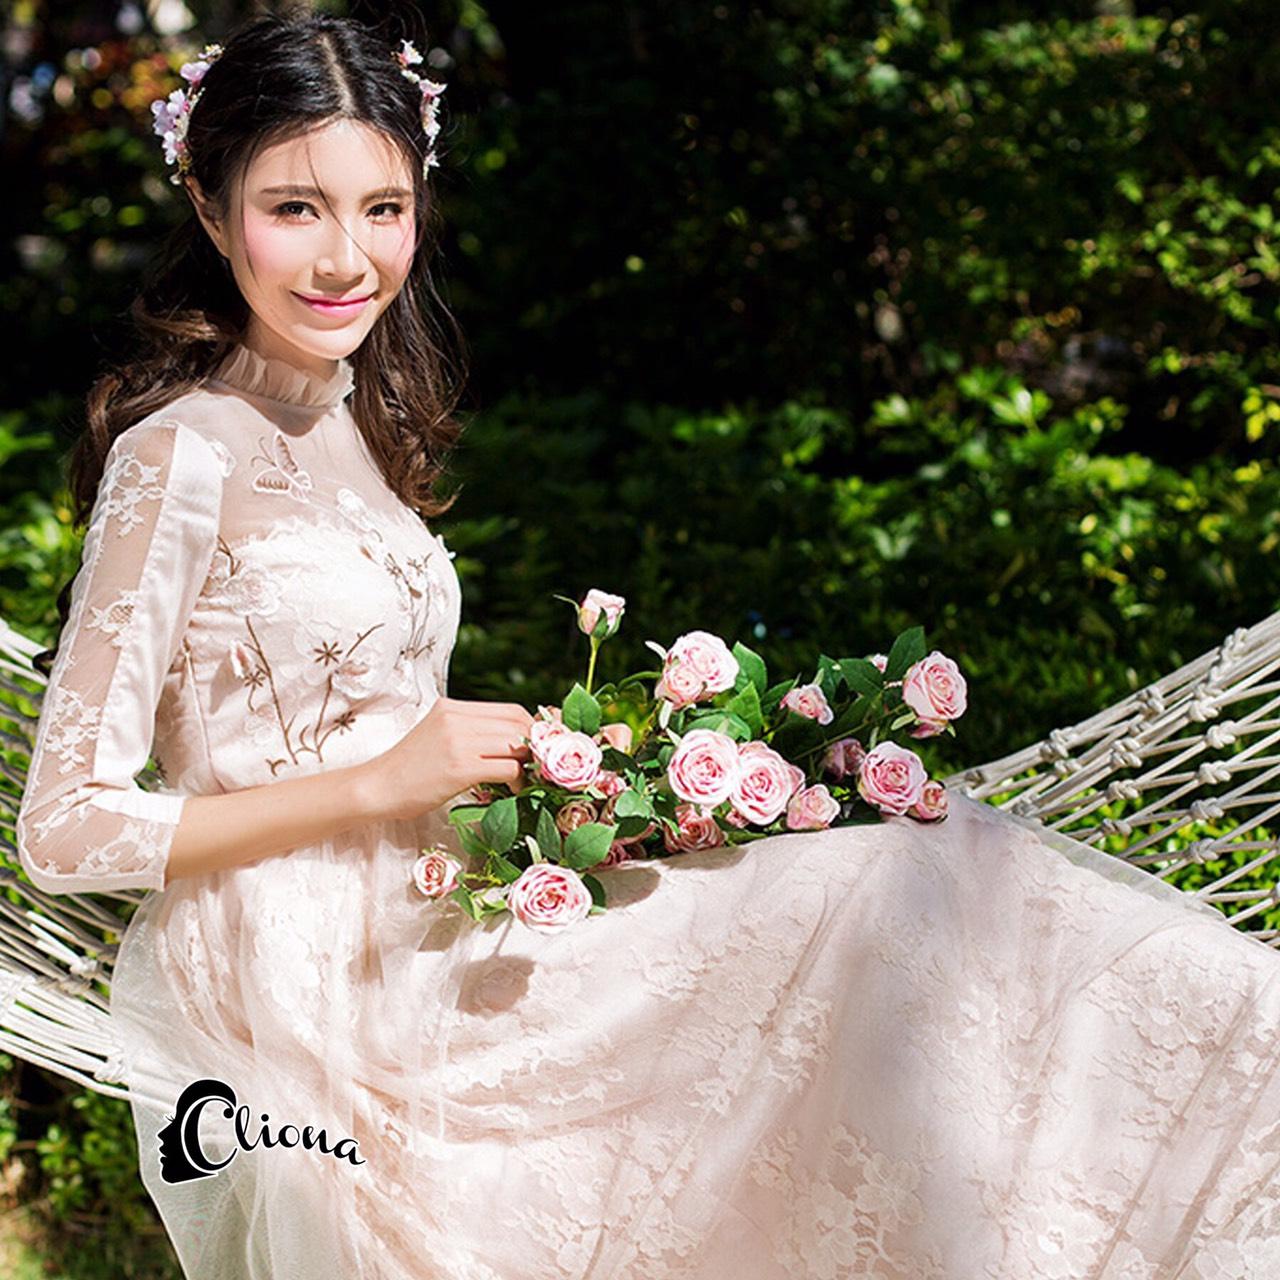 สีชมพูโอรส แขน 5 ส่วน ด้านนอกเป็นงานผ้ามุ้ง ช่วงอกปักดอกซากุระ ดอกสีชมพูอ่อนก้านน้ำตาล เพิ่มความหวาน